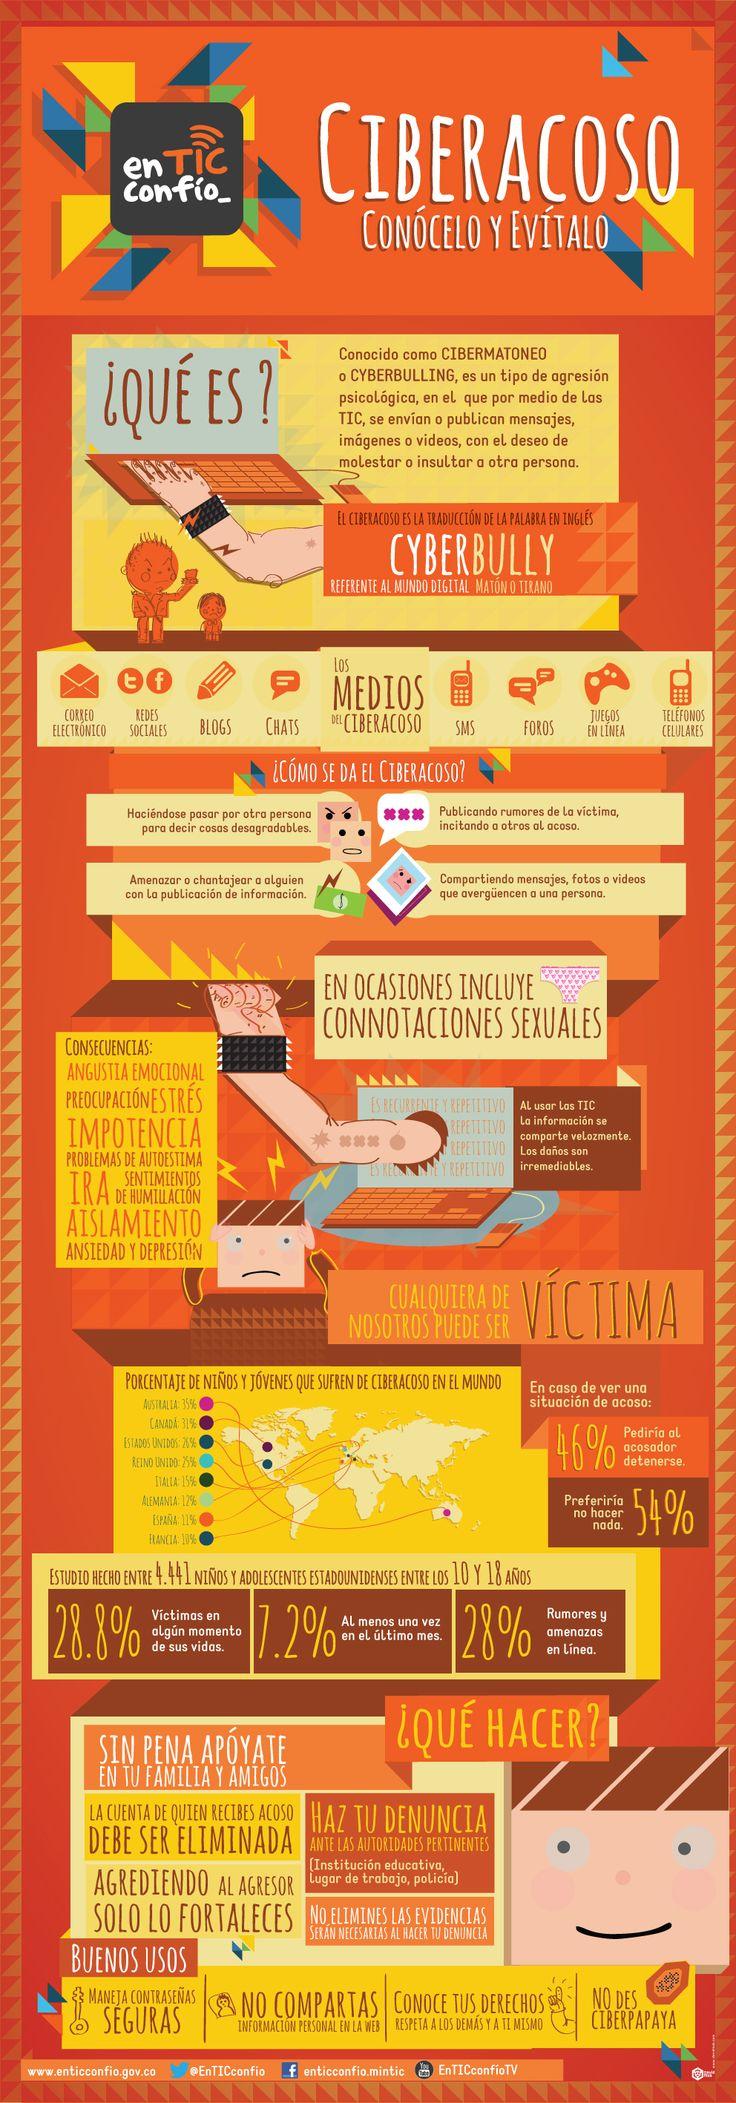 El 21% de los menores en Europa ha sufrido #ciberbullying en alguna ocasión. Infografía sobre cómo actuar ante un caso de #ciberacoso